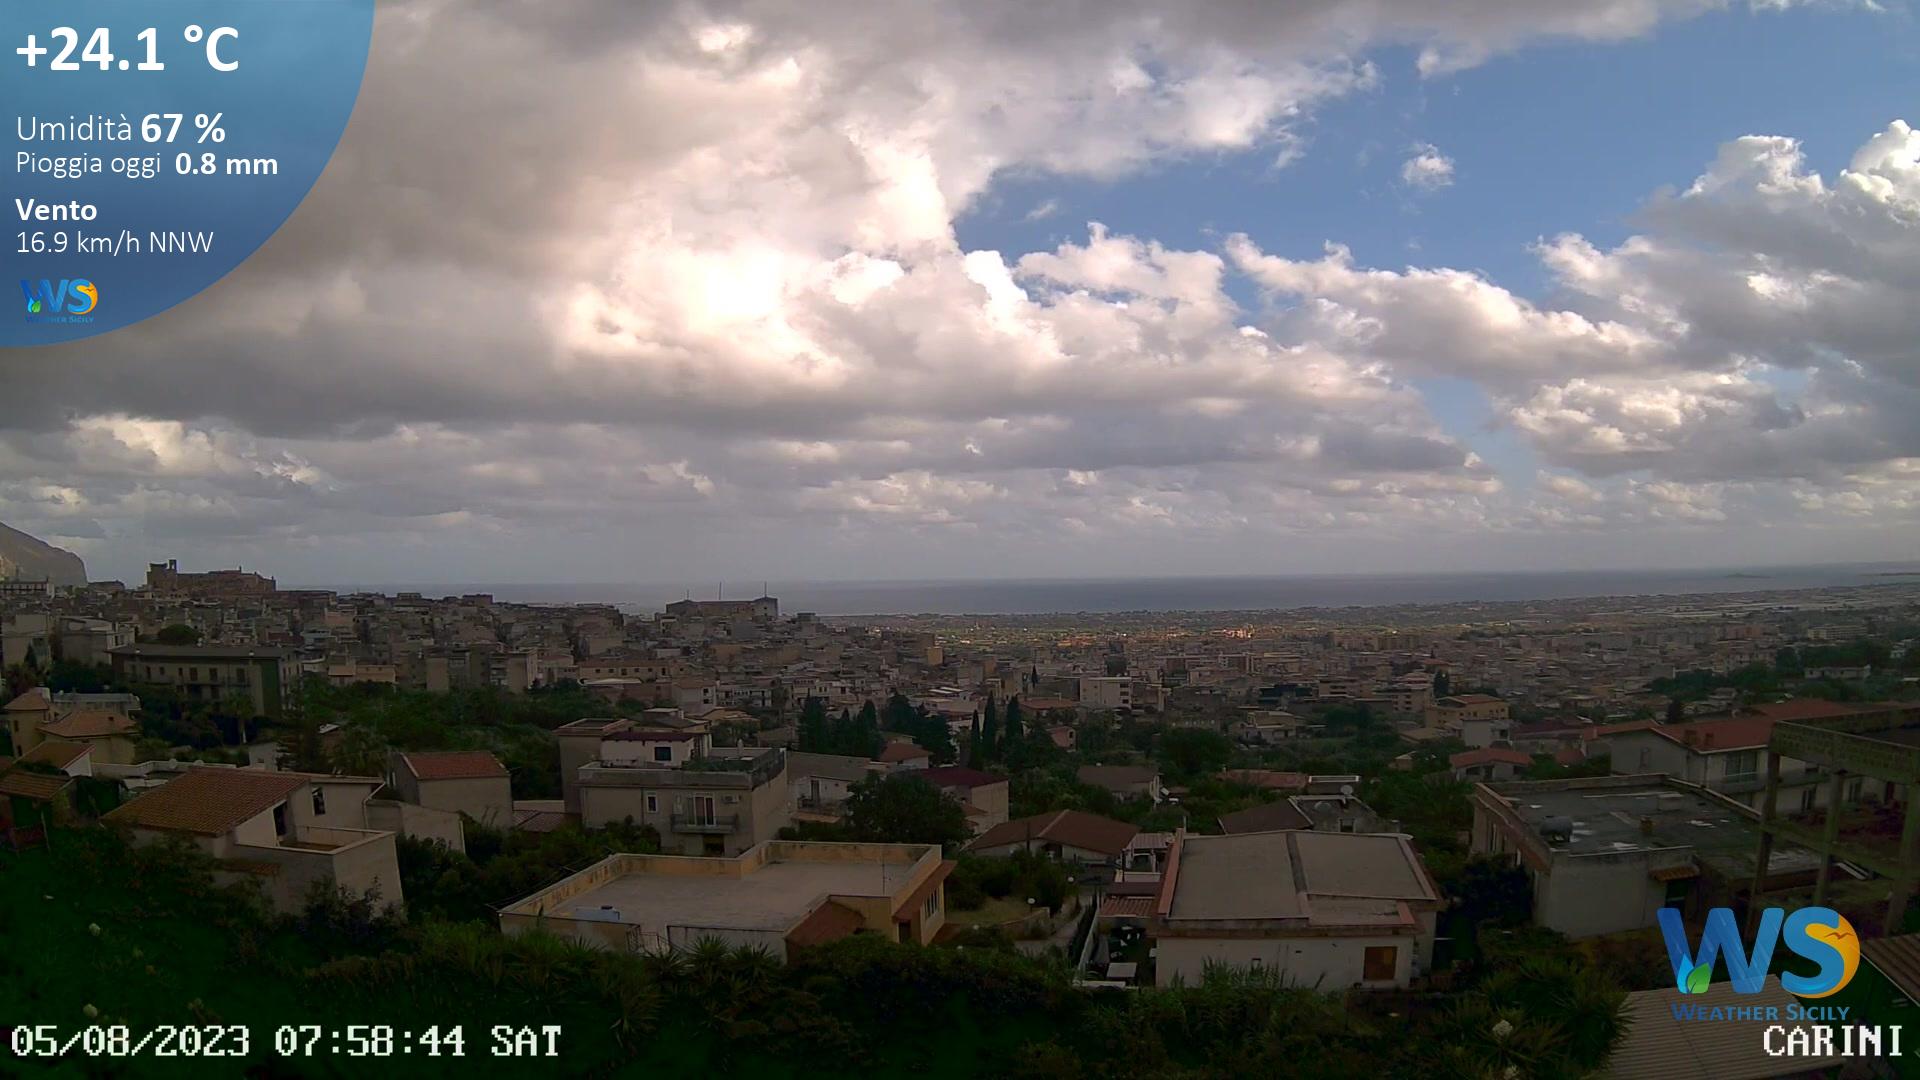 WebCam Carini Live - Palermo